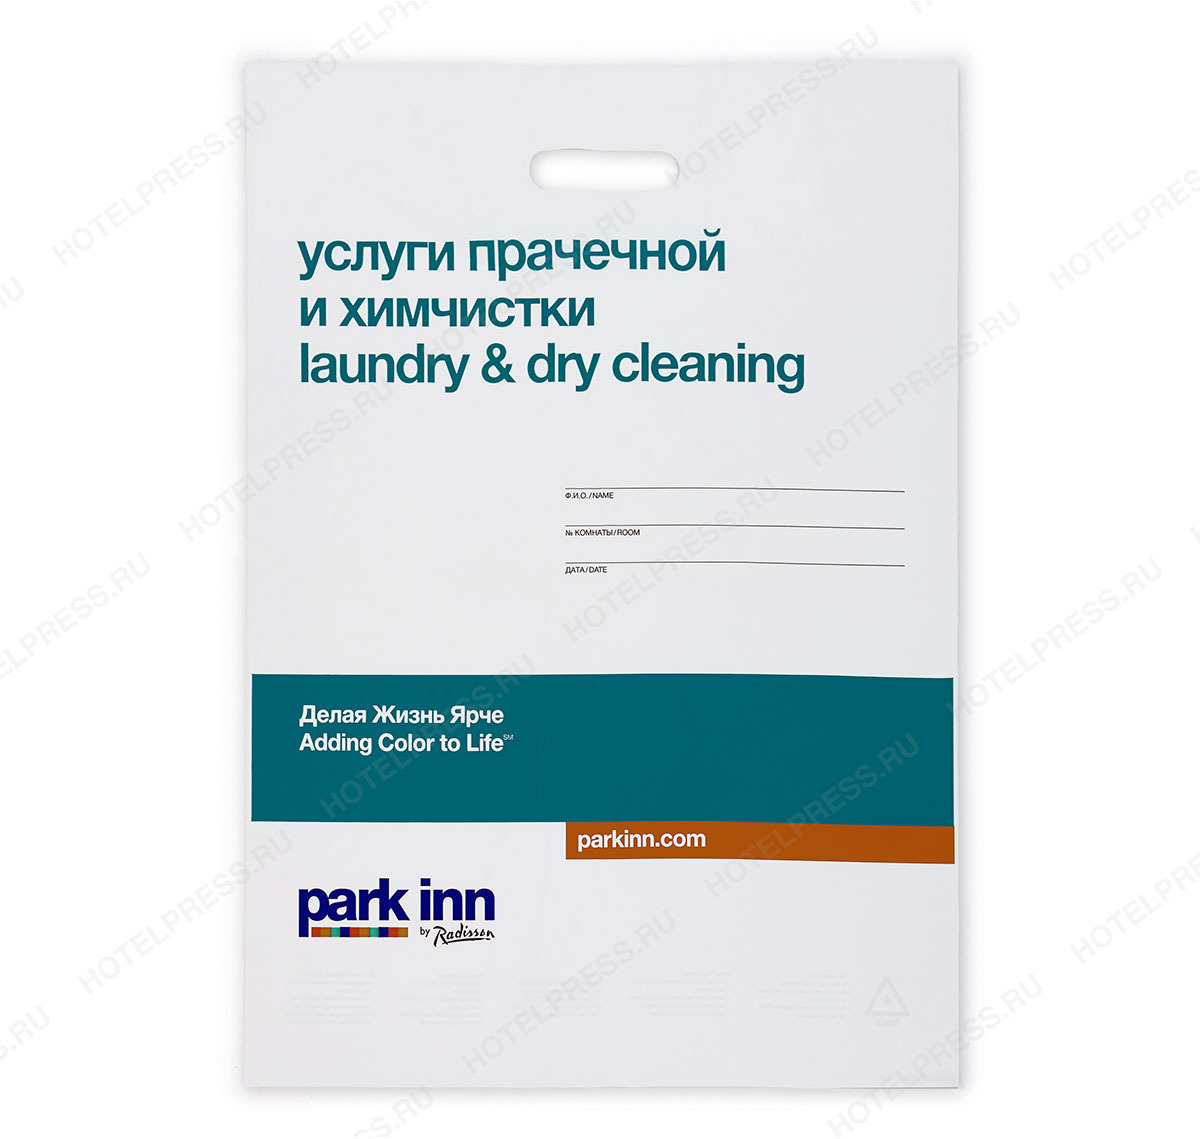 """Пакет для белья отеля """"Park Inn by Radisson"""""""